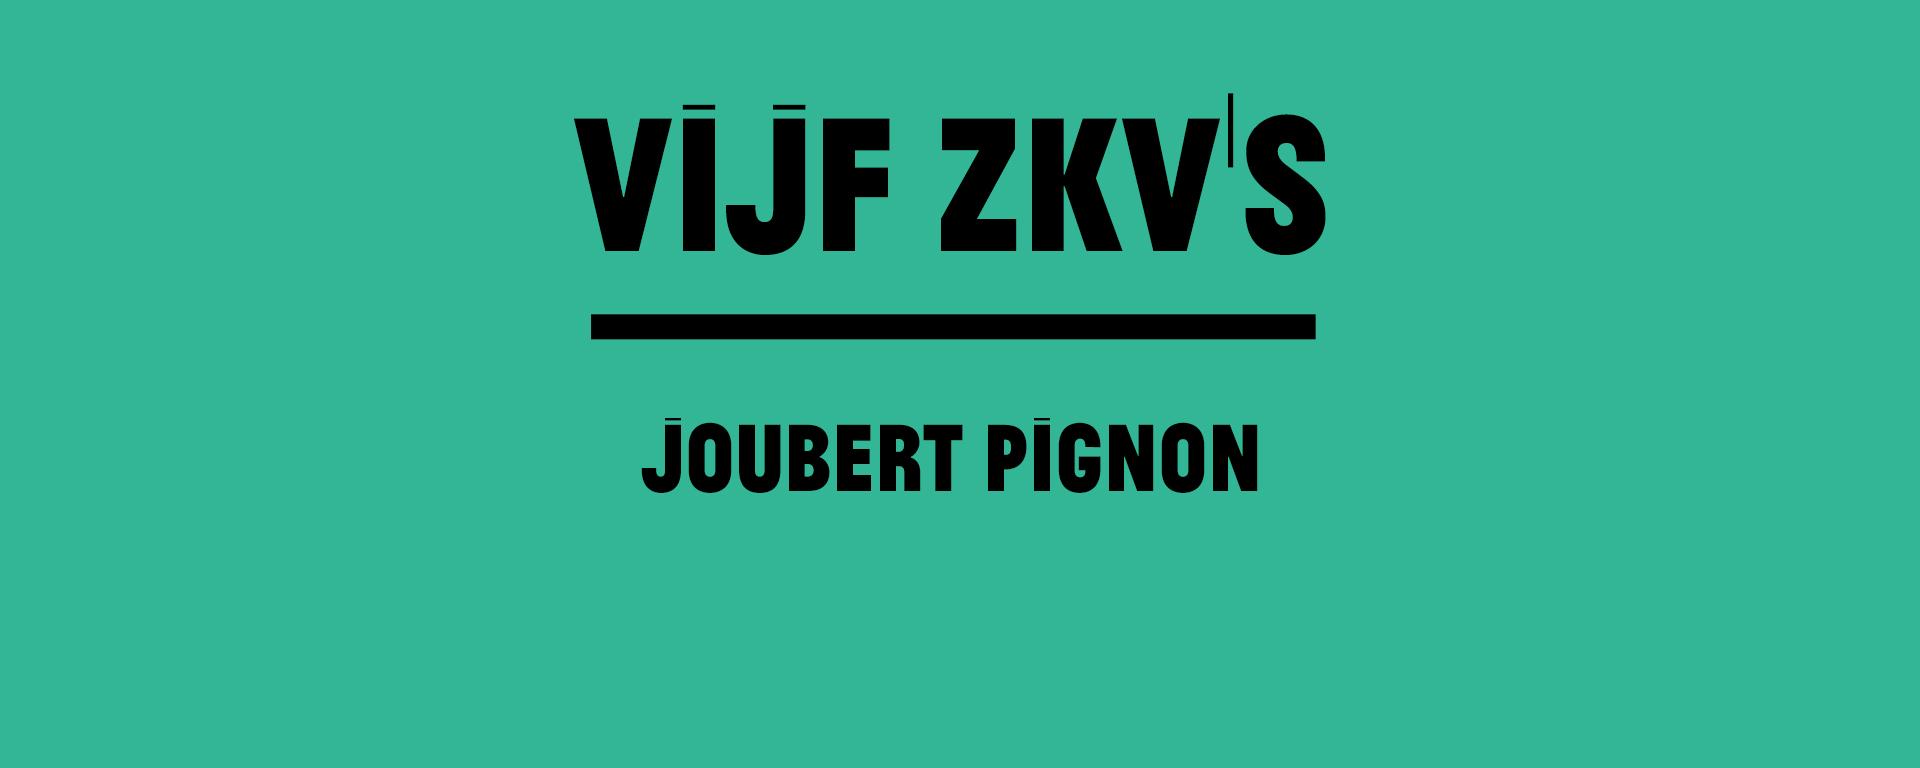 vijfzkv'sjoubertpignon